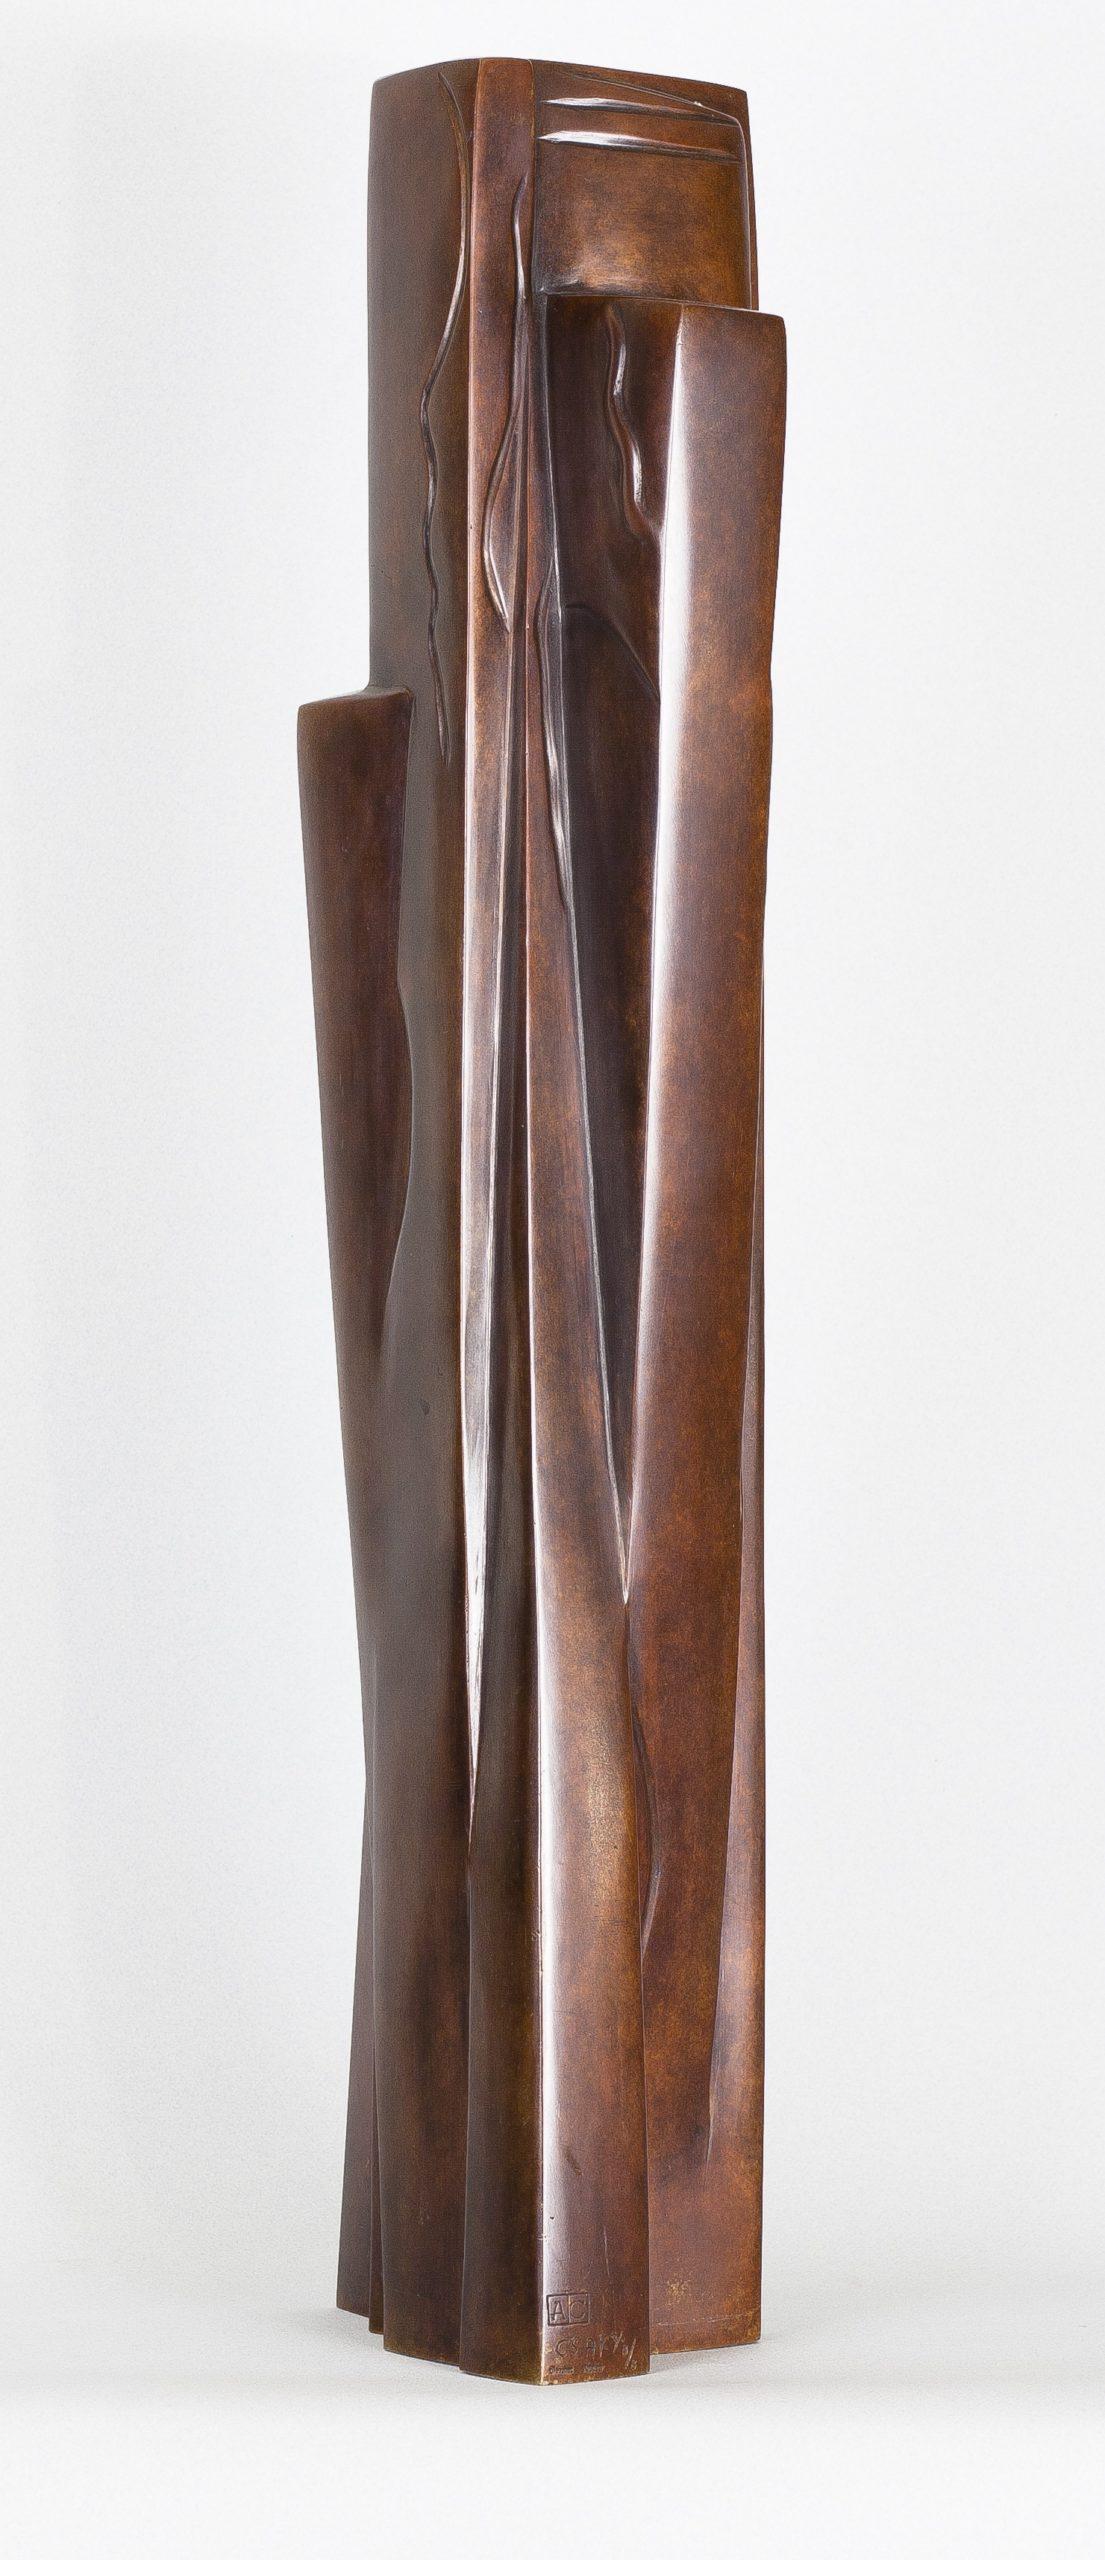 Ossip Zadkine - Figure abstraite debout 1920 © archives de l'expert